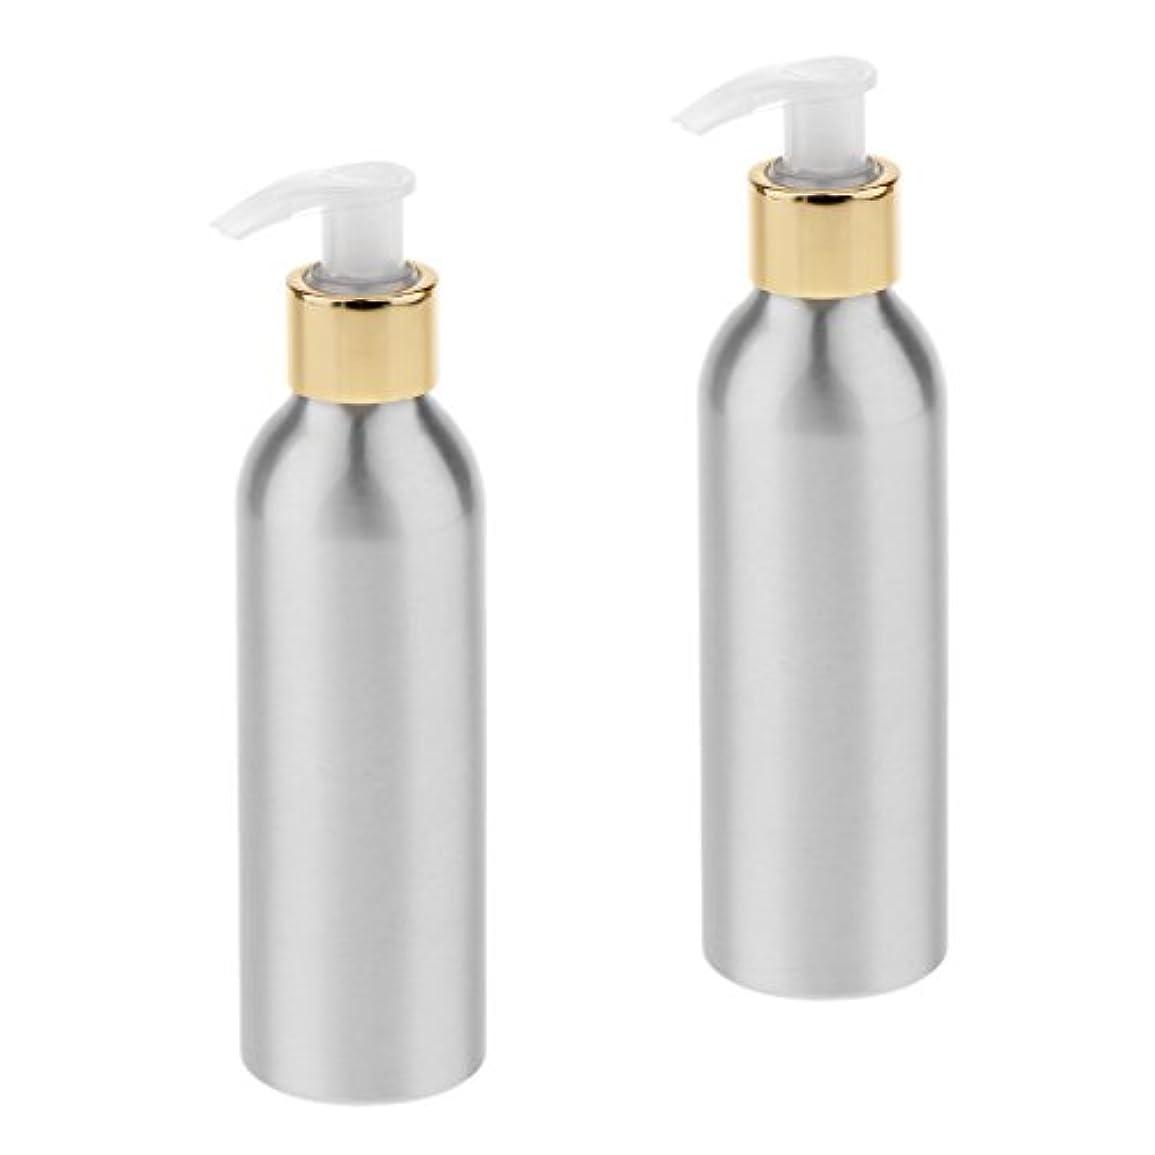 悪意列車憂鬱なFenteer 2本 スプレーボトル ポンプボトル アルミボトル 香水ボトル シャンプー 噴霧器 アトマイザー 詰替え DIY 6サイズ選択 - 150m